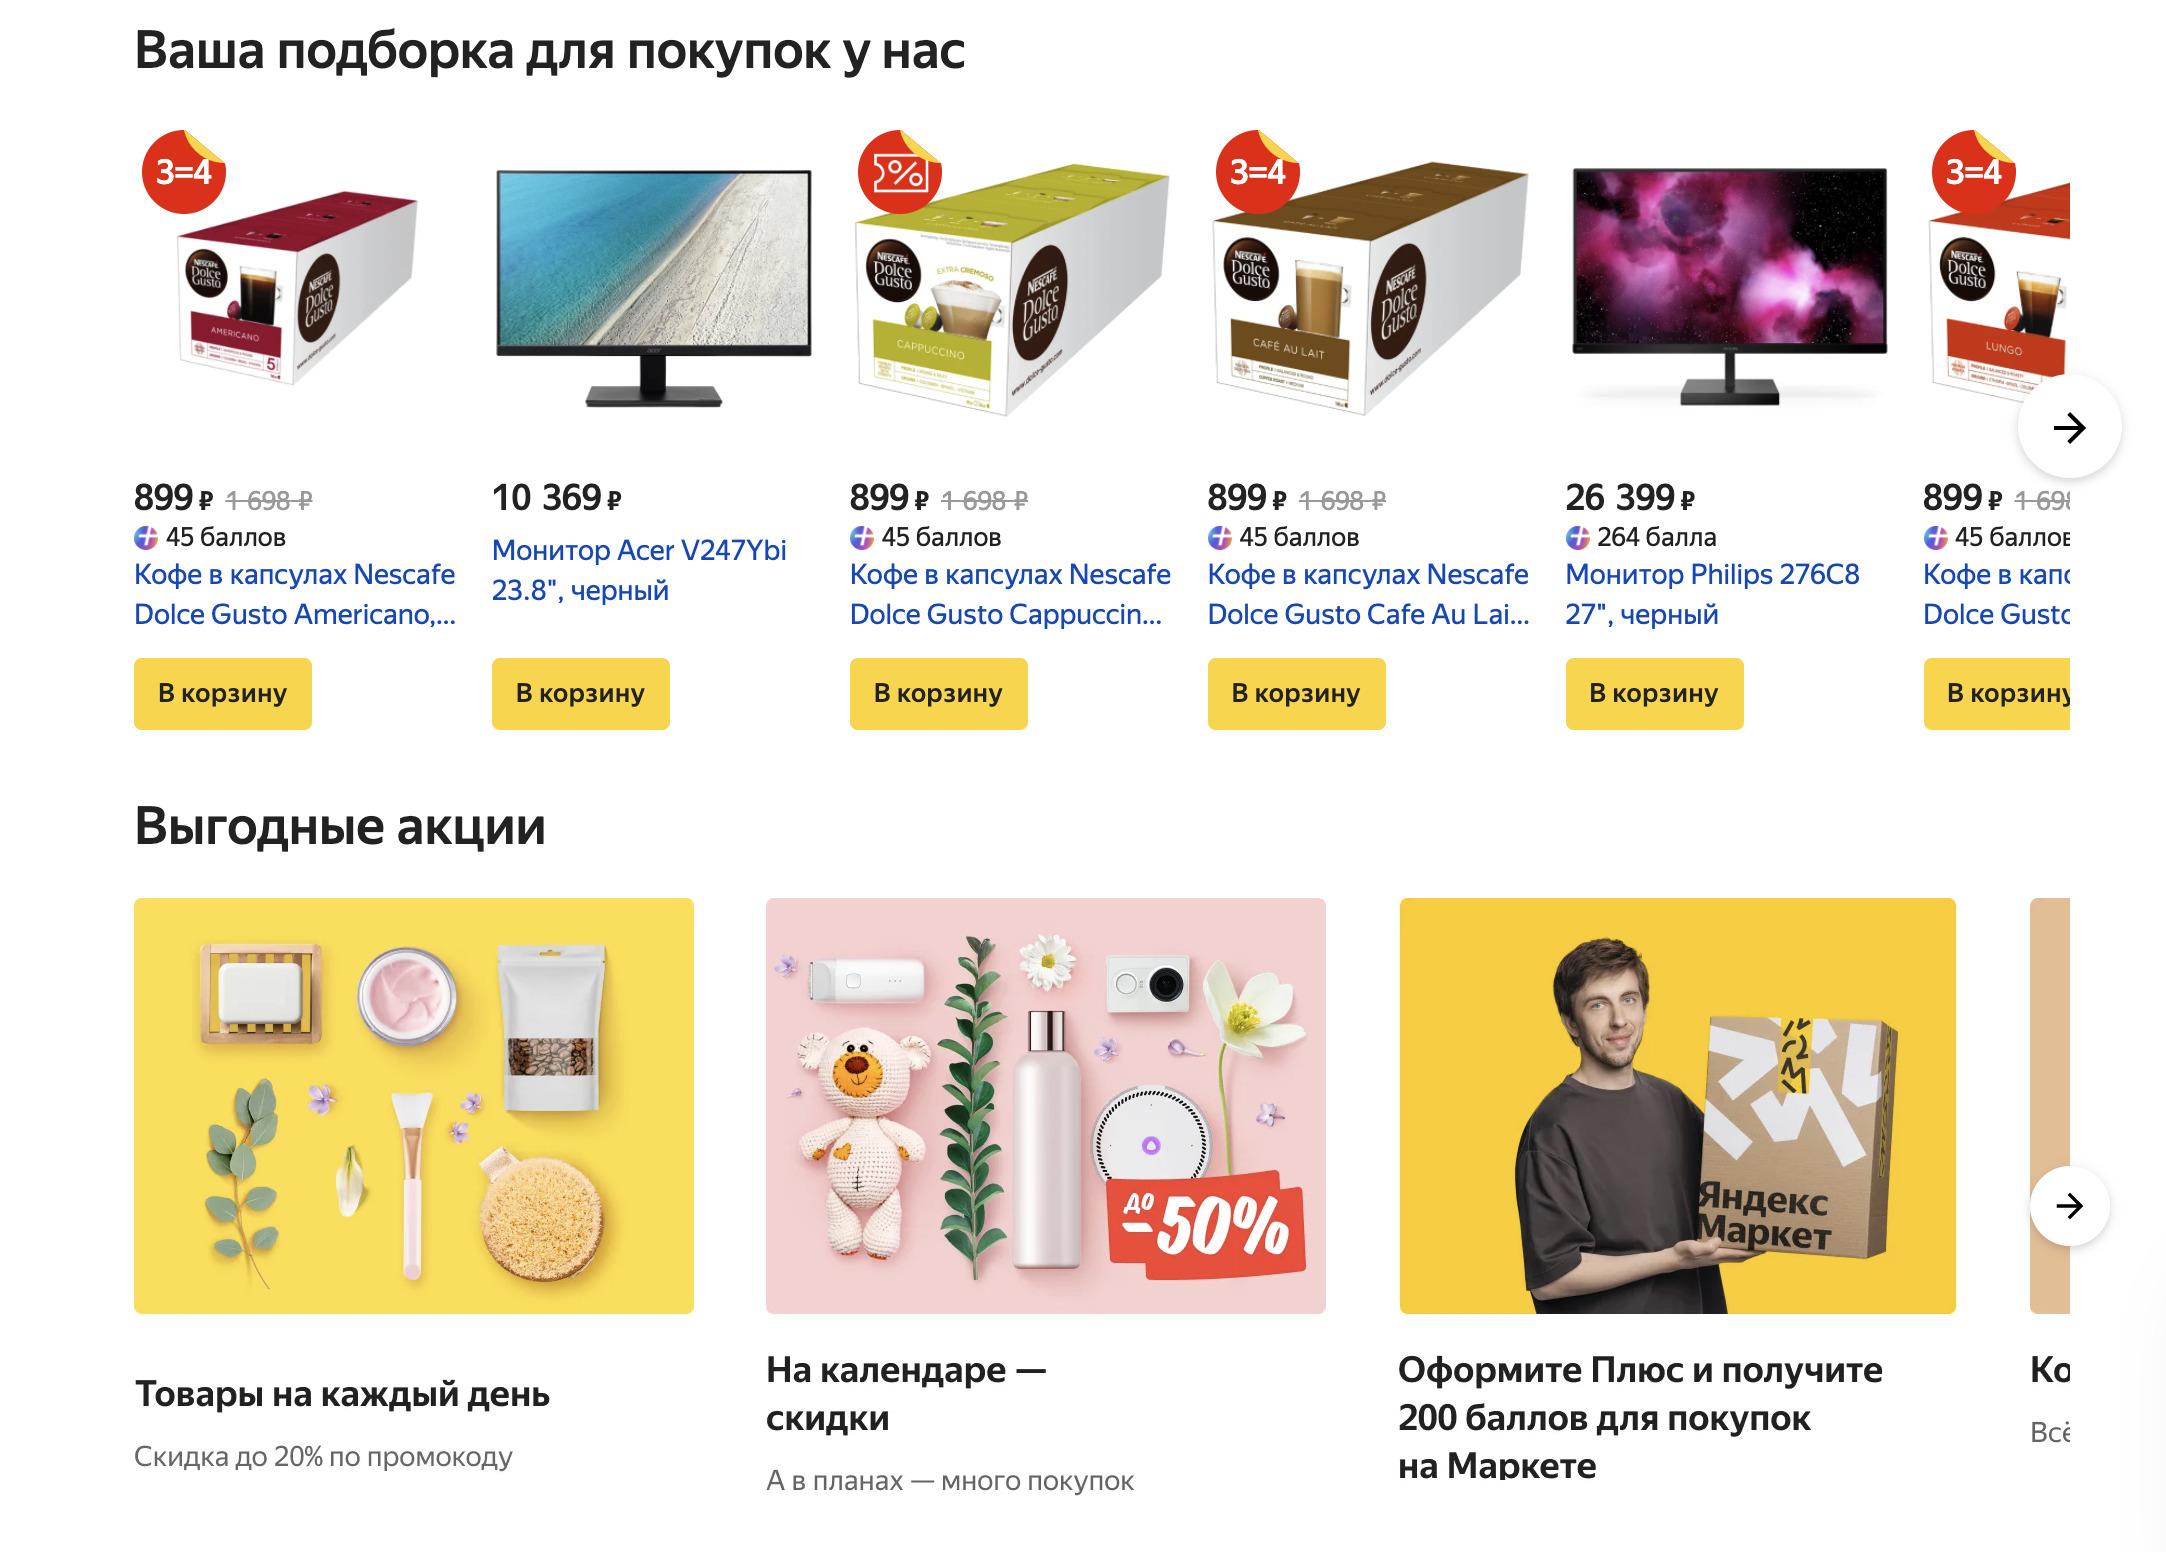 Доставка из Яндекс.Маркет в Черемхово, сроки, пункты выдачи, каталог